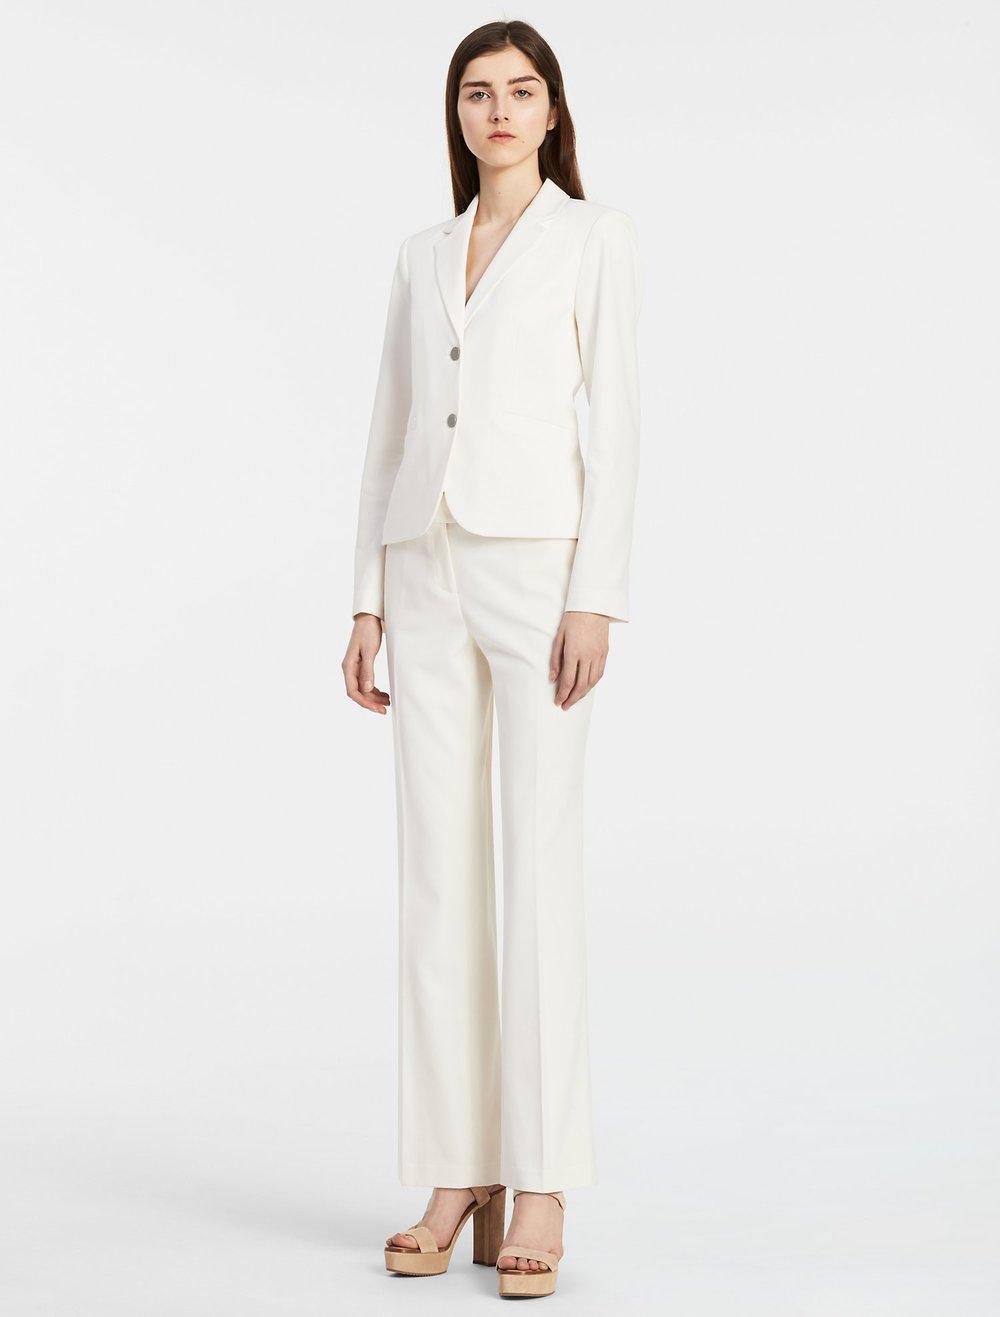 cream-suit_main.jpeg